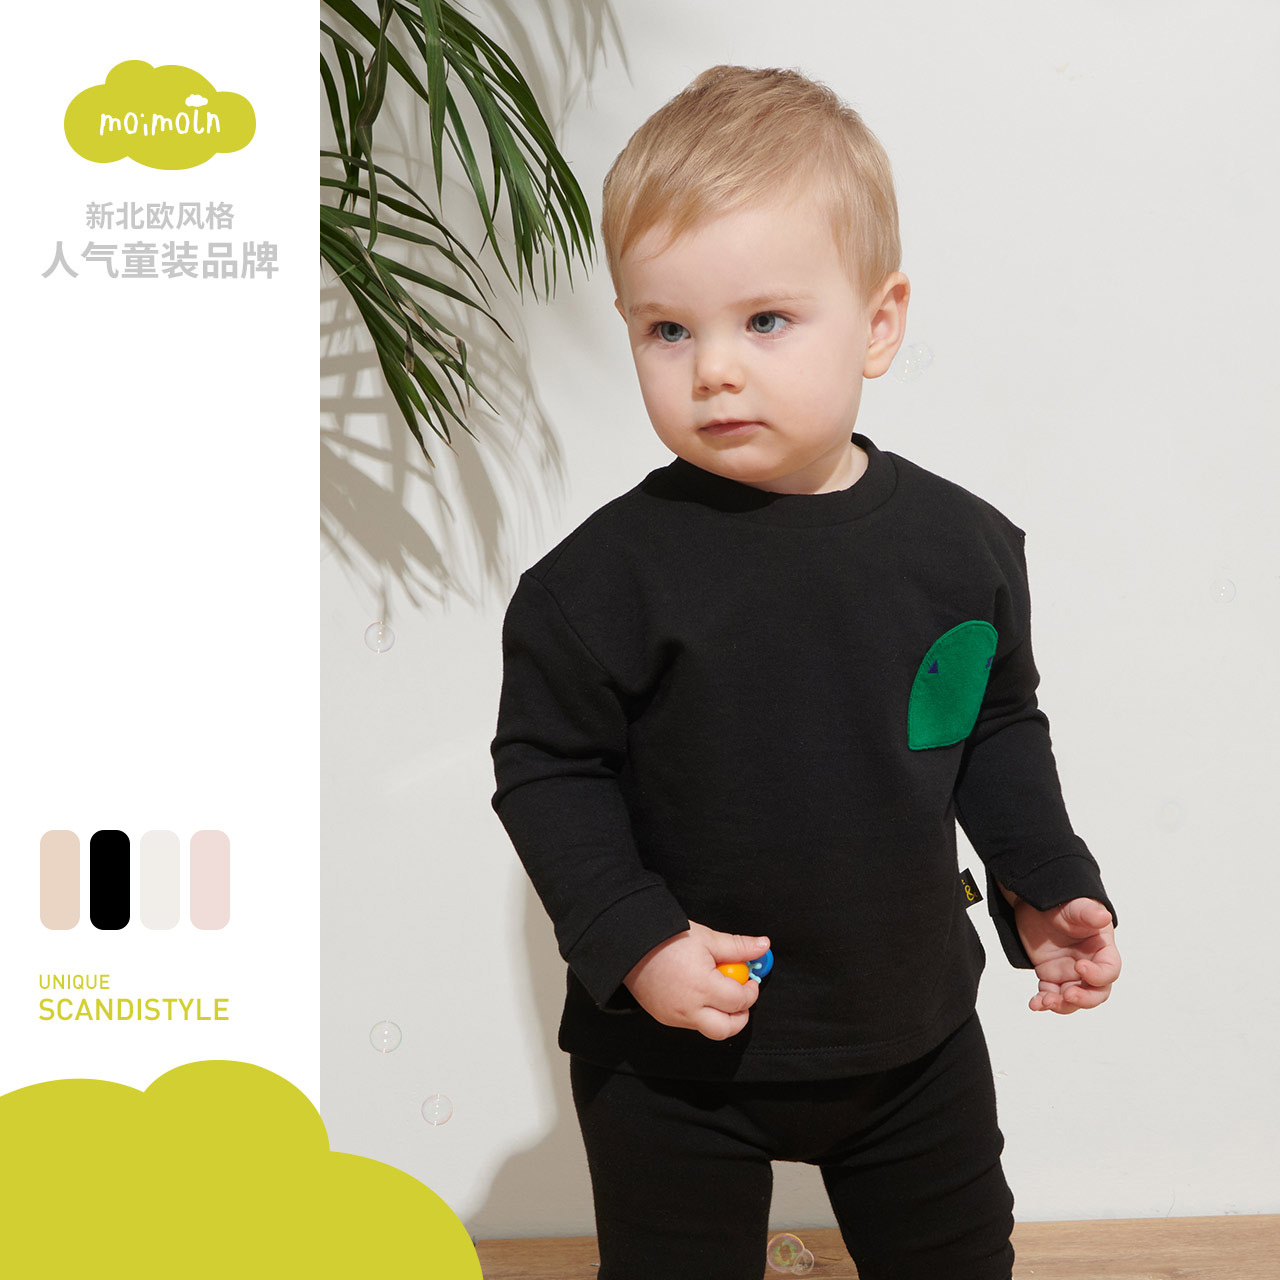 moimoln小云朵童装男女童时尚T恤春秋新款宝宝圆领舒适可爱上衣